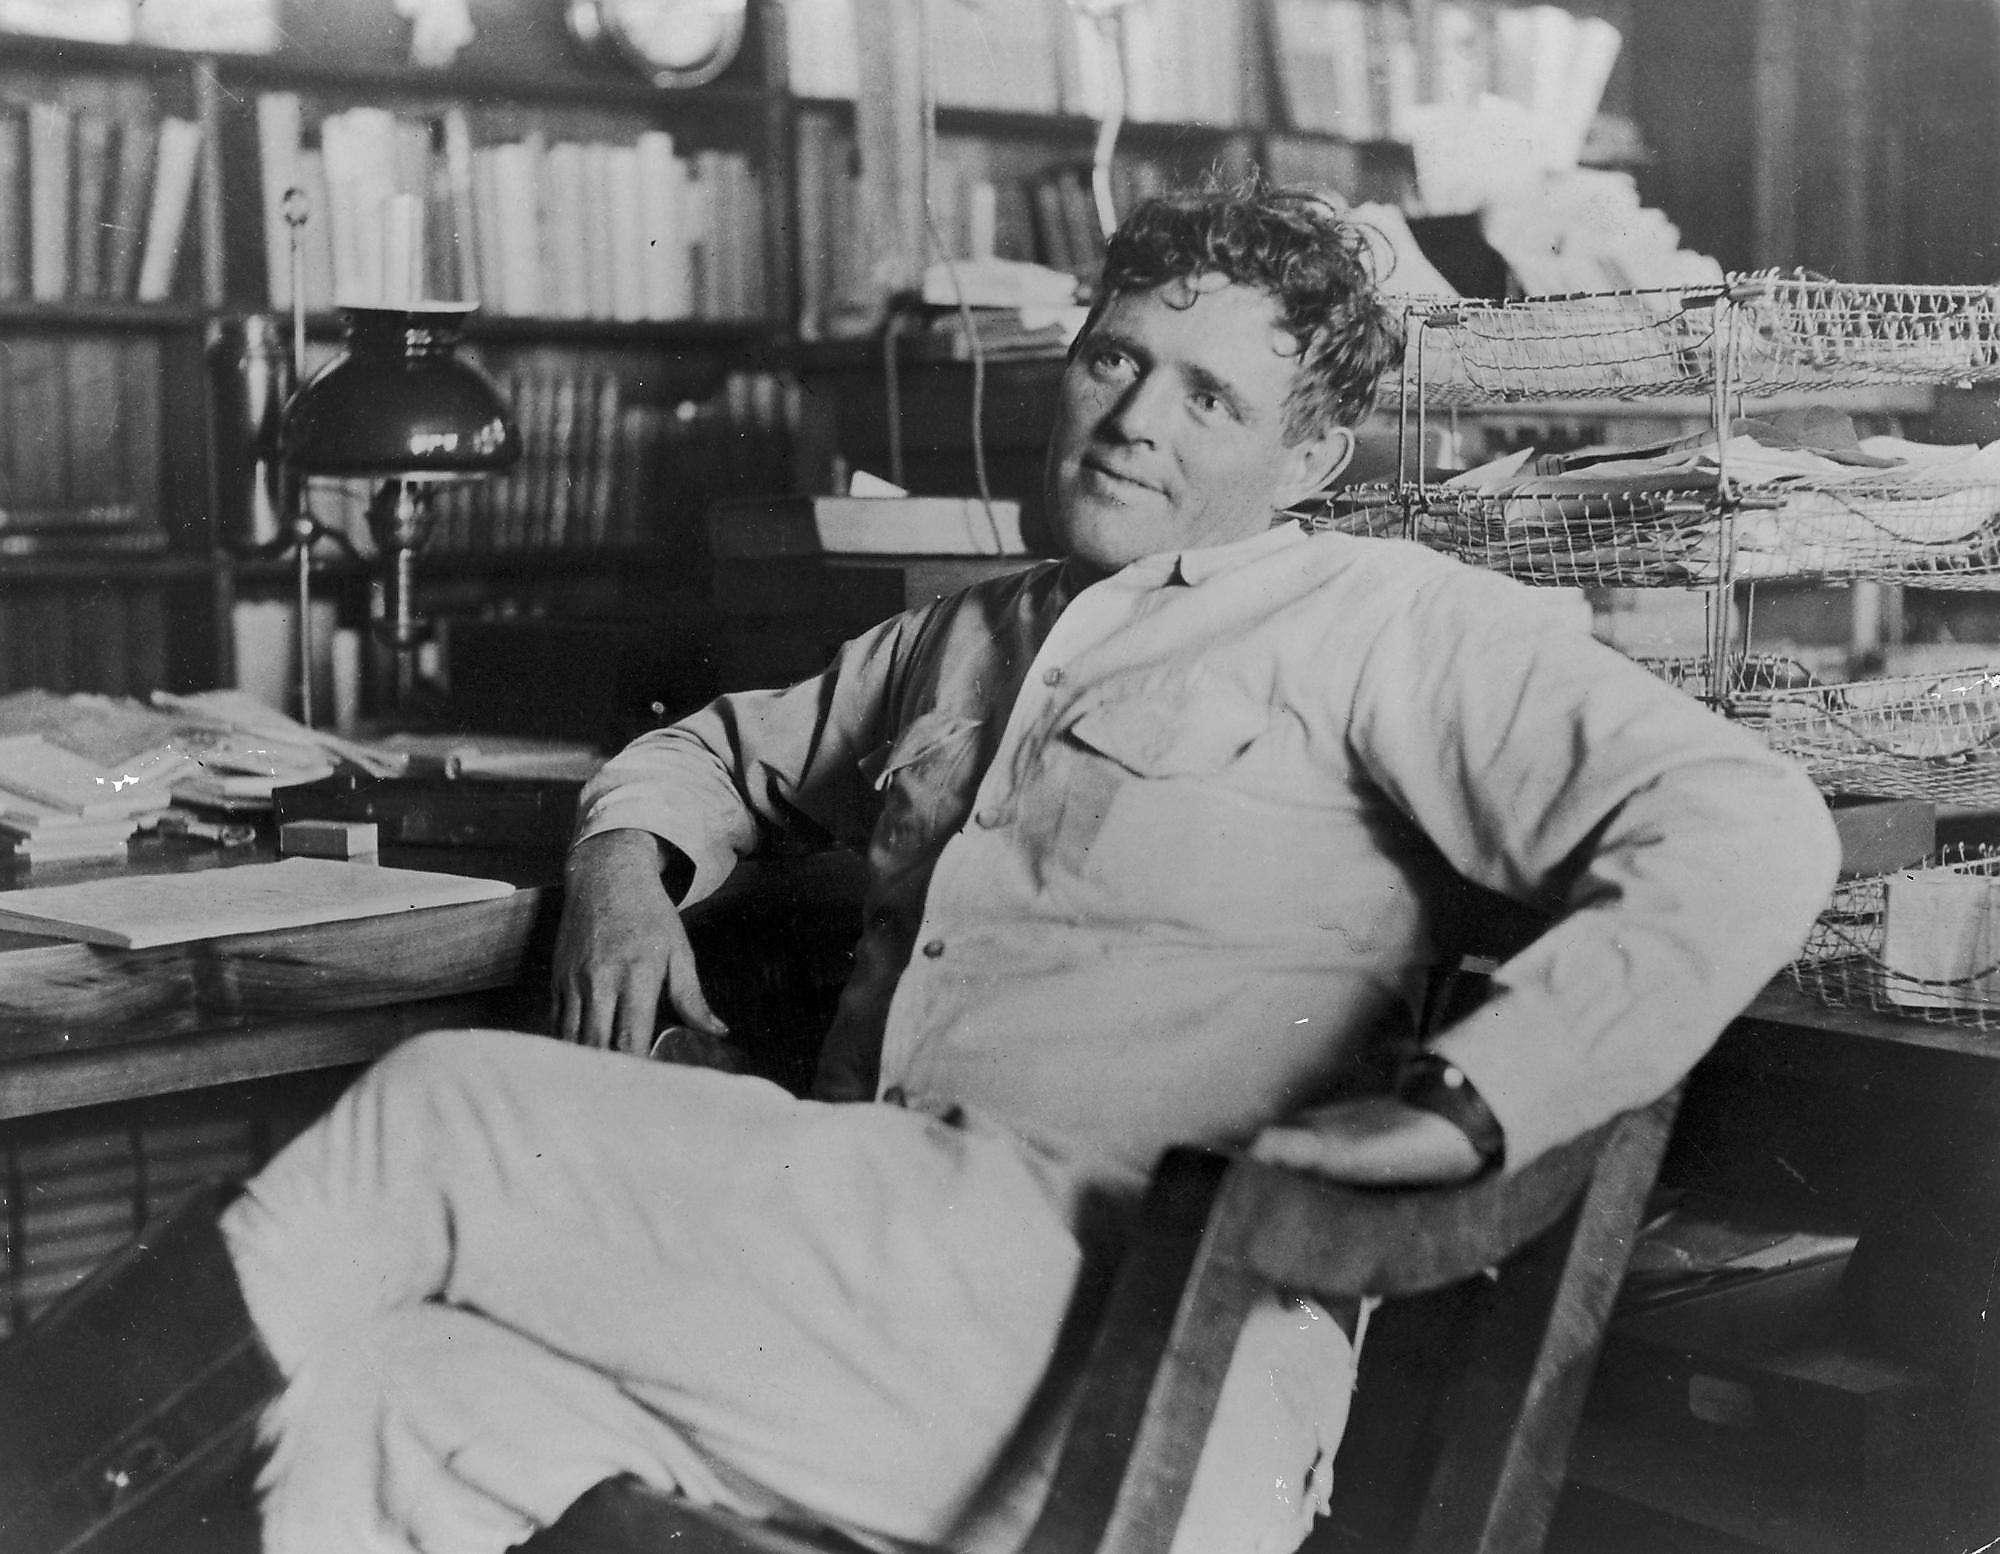 Ο Τζακ Λόντον (Jack London) (12 Ιανουαρίου 1876 - 22 Νοεμβρίου 1916) ήταν Αμερικανός συγγραφέας που έγραψε πάνω από 50 βιβλία, όπως Το κάλεσμα της άγριας φύσης, Μάρτιν Ήντεν, Ο θαλασσόλυκος,και άλλα.